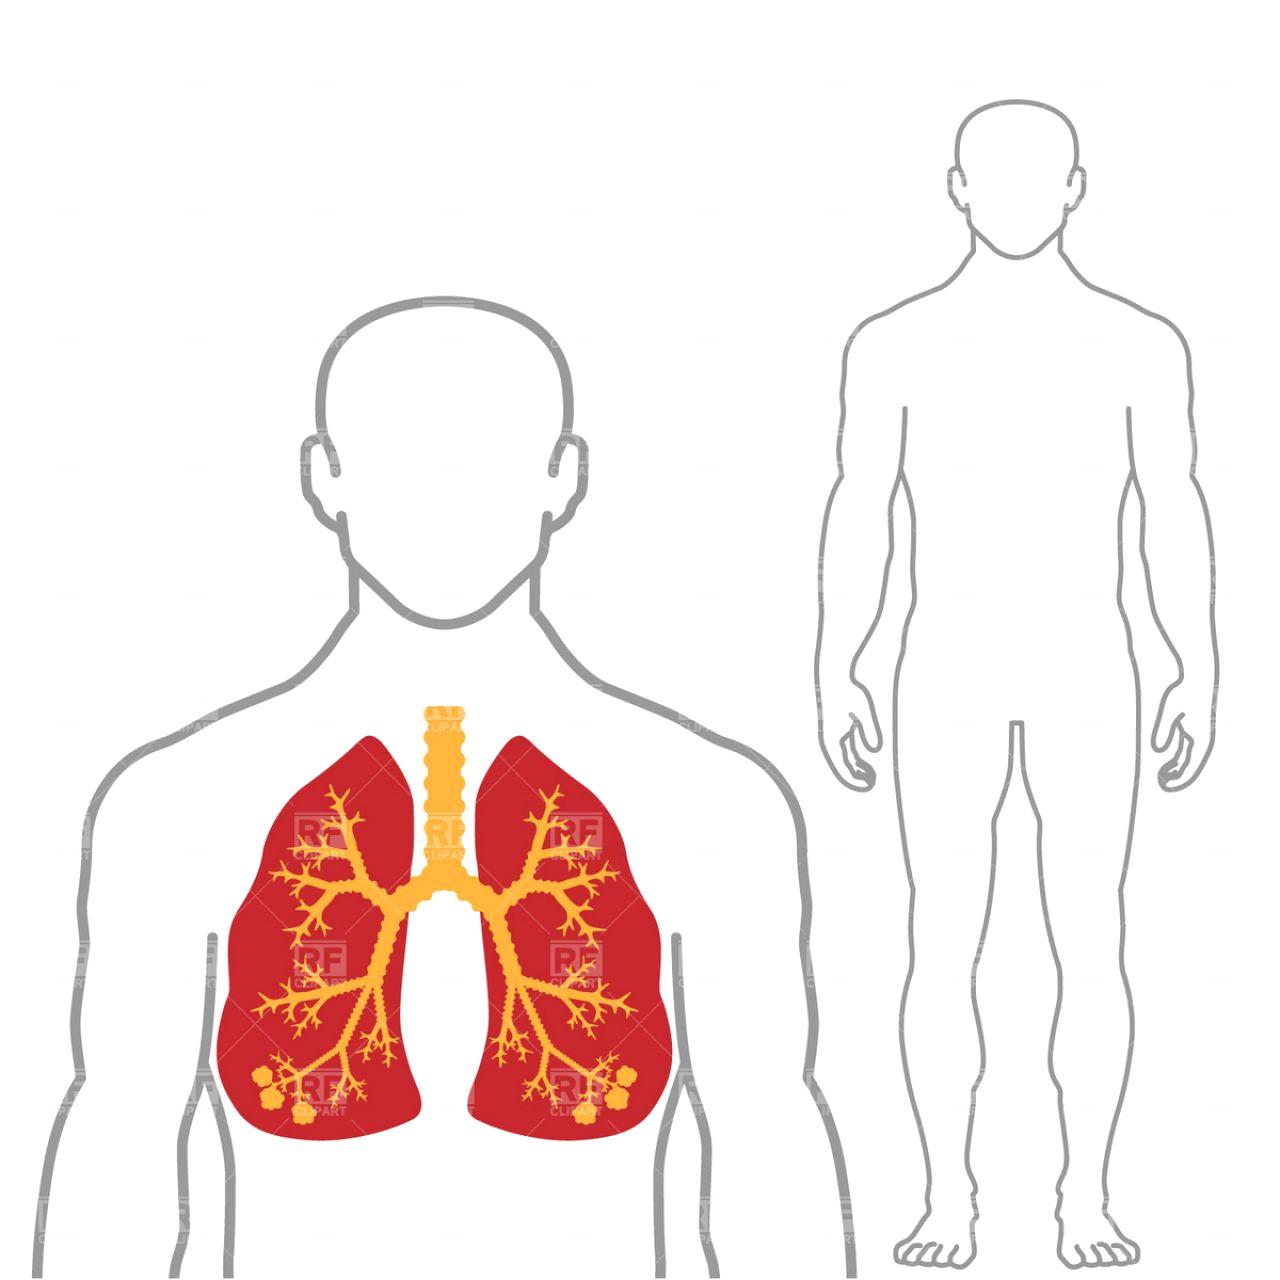 1280x1280 Spleen Clipart Human Body Outline Clip Art 544f3e0b043c2